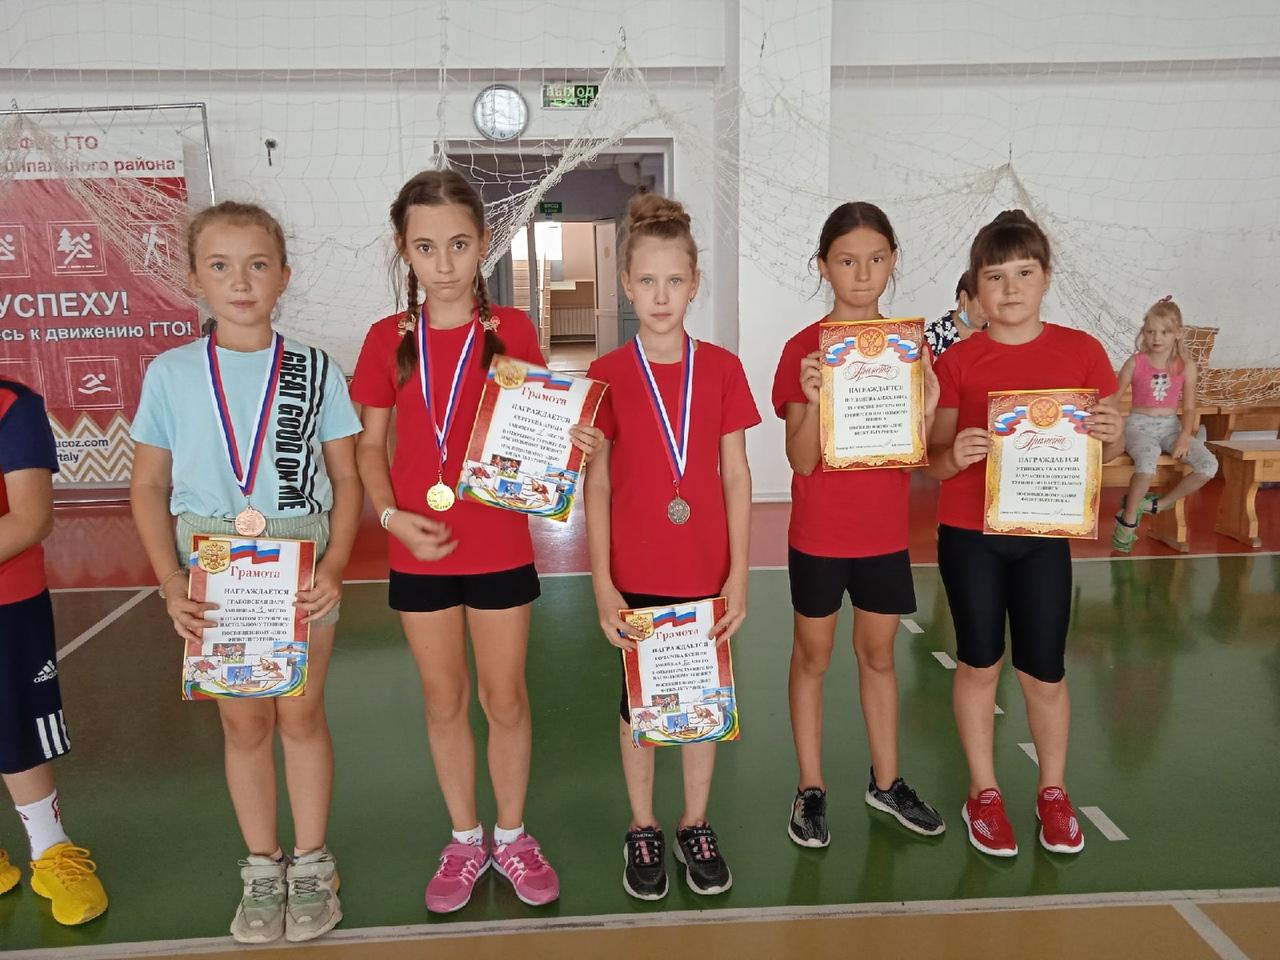 На базе МБУ ФОК «Юбилейный» прошел открытый турнир по настольному теннису, посвященный Дню физкультурника